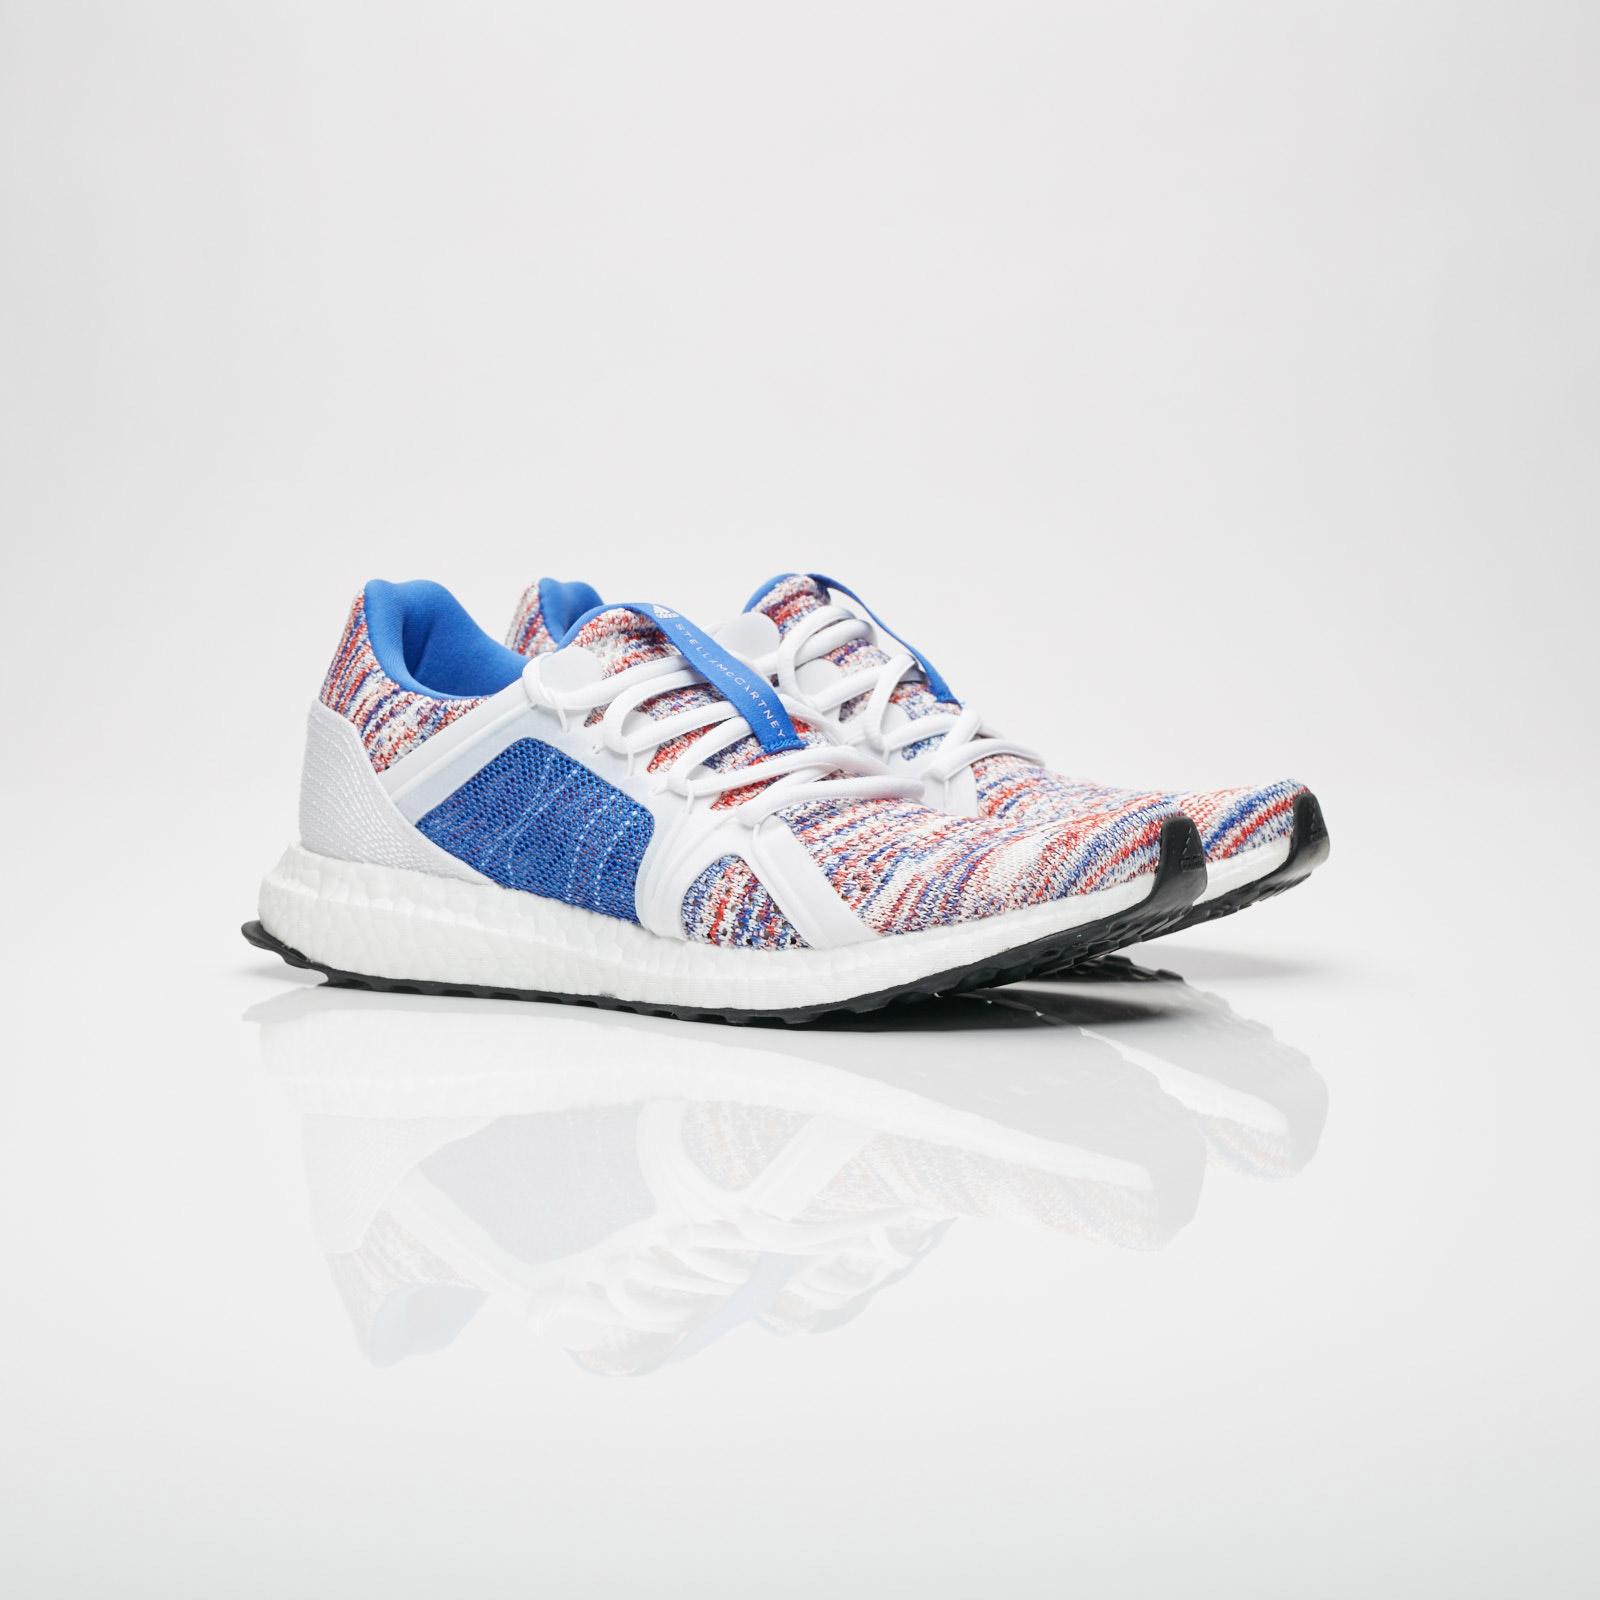 0d6d8f08a5b3d adidas UltraBOOST Parley - Cq1708 - Sneakersnstuff